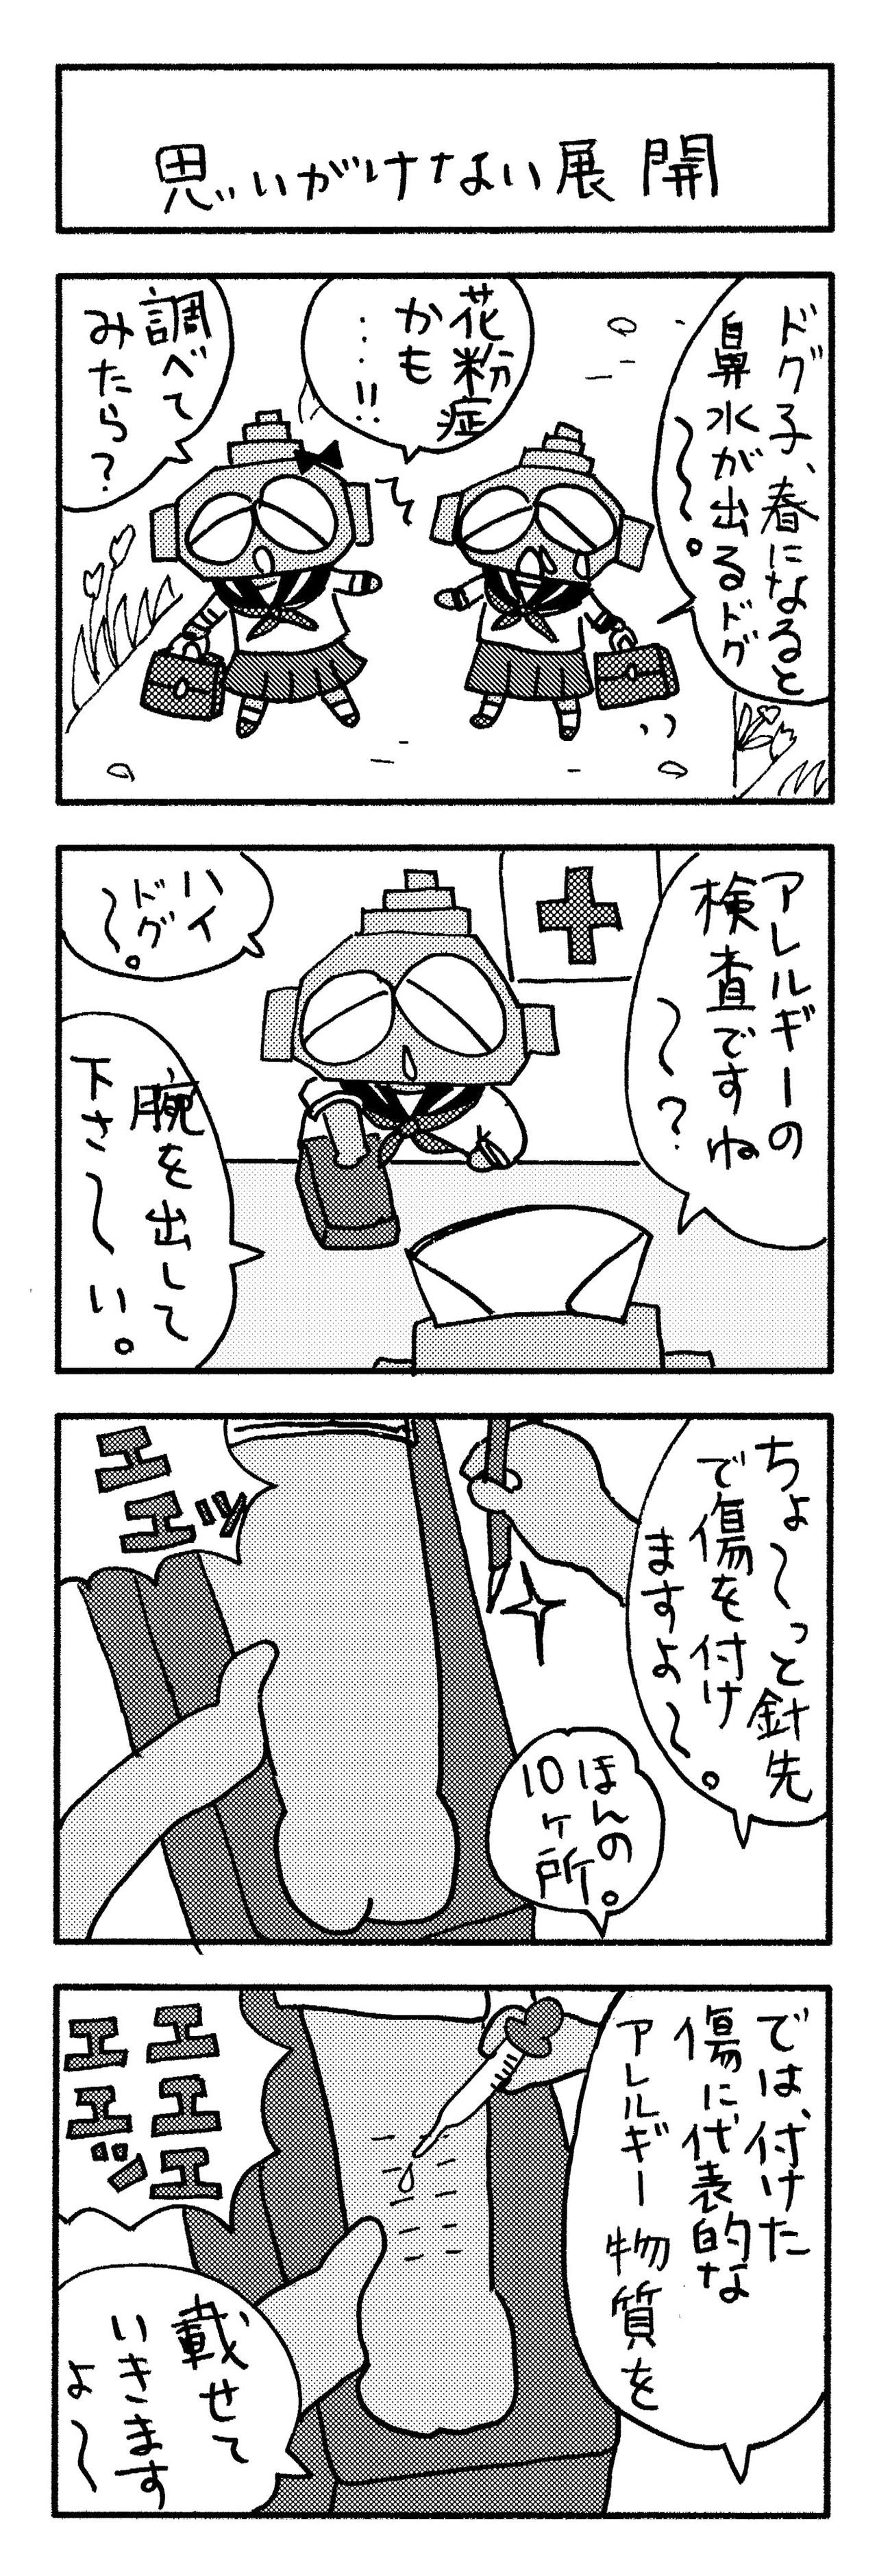 アレルギー検査を受けよう!